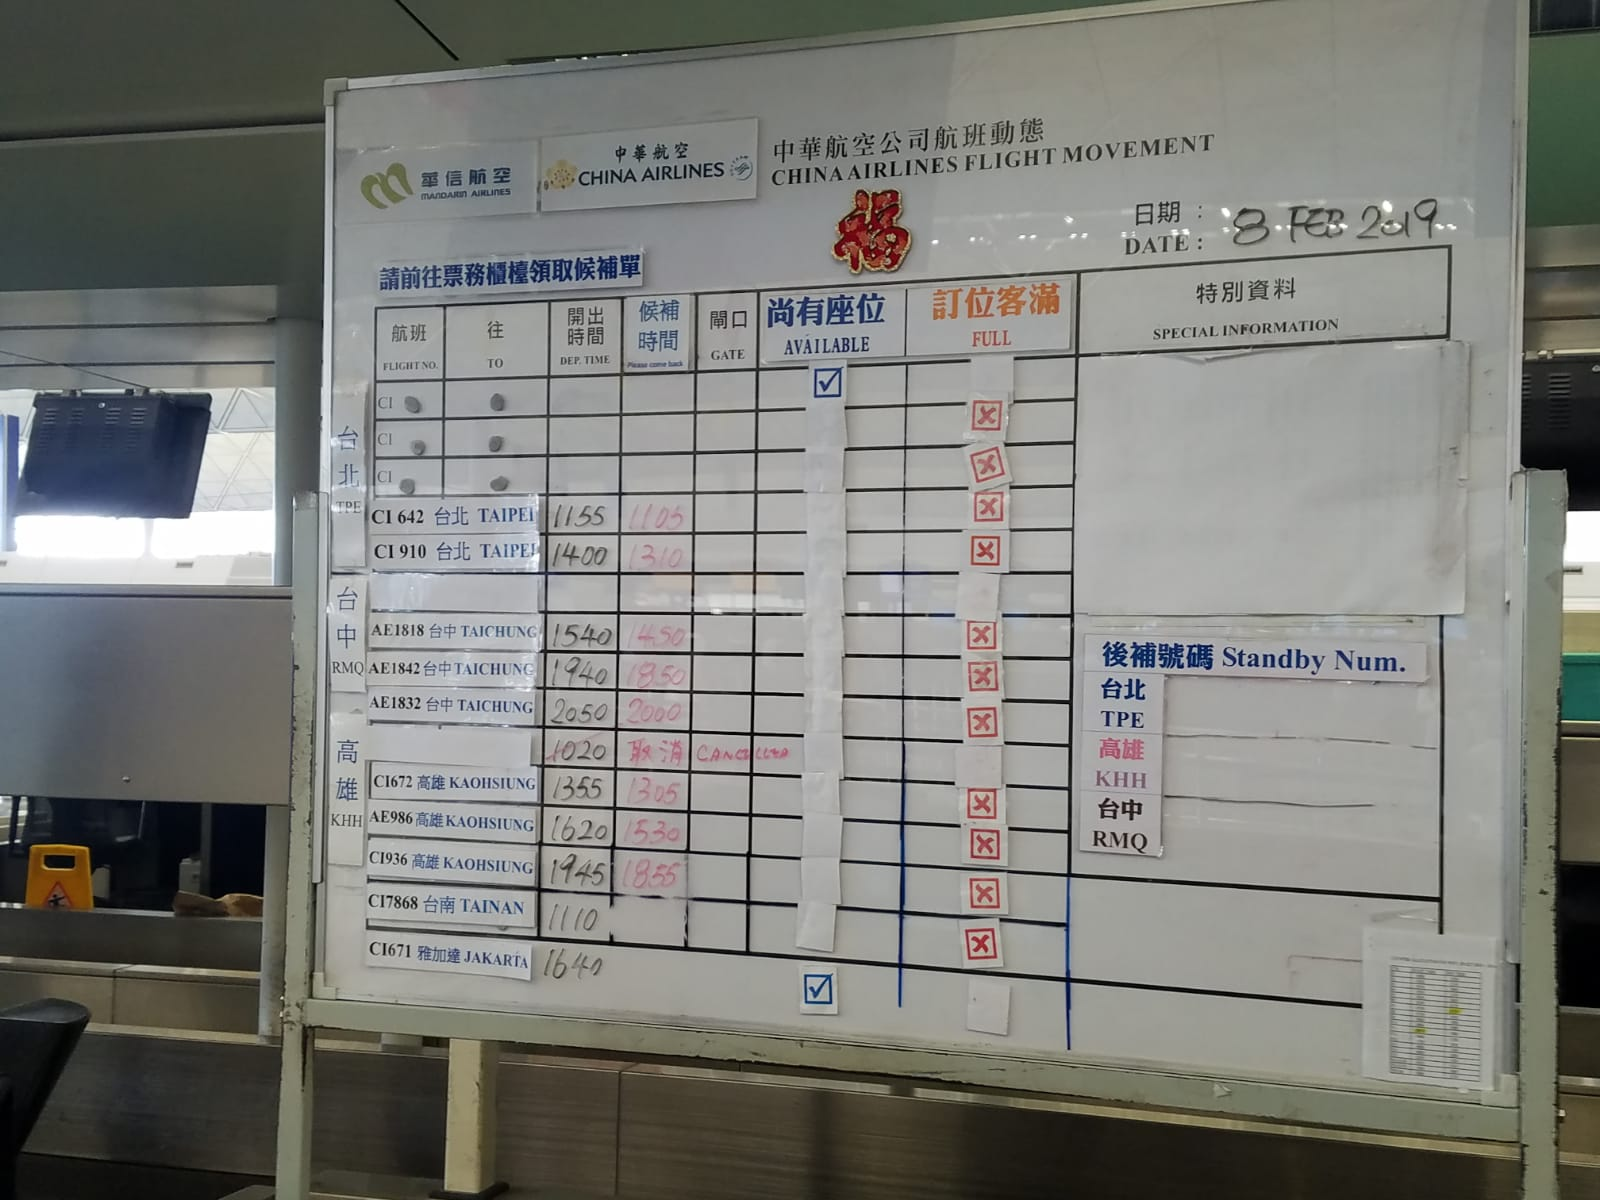 華航張貼航班候補機位安排。林思明攝